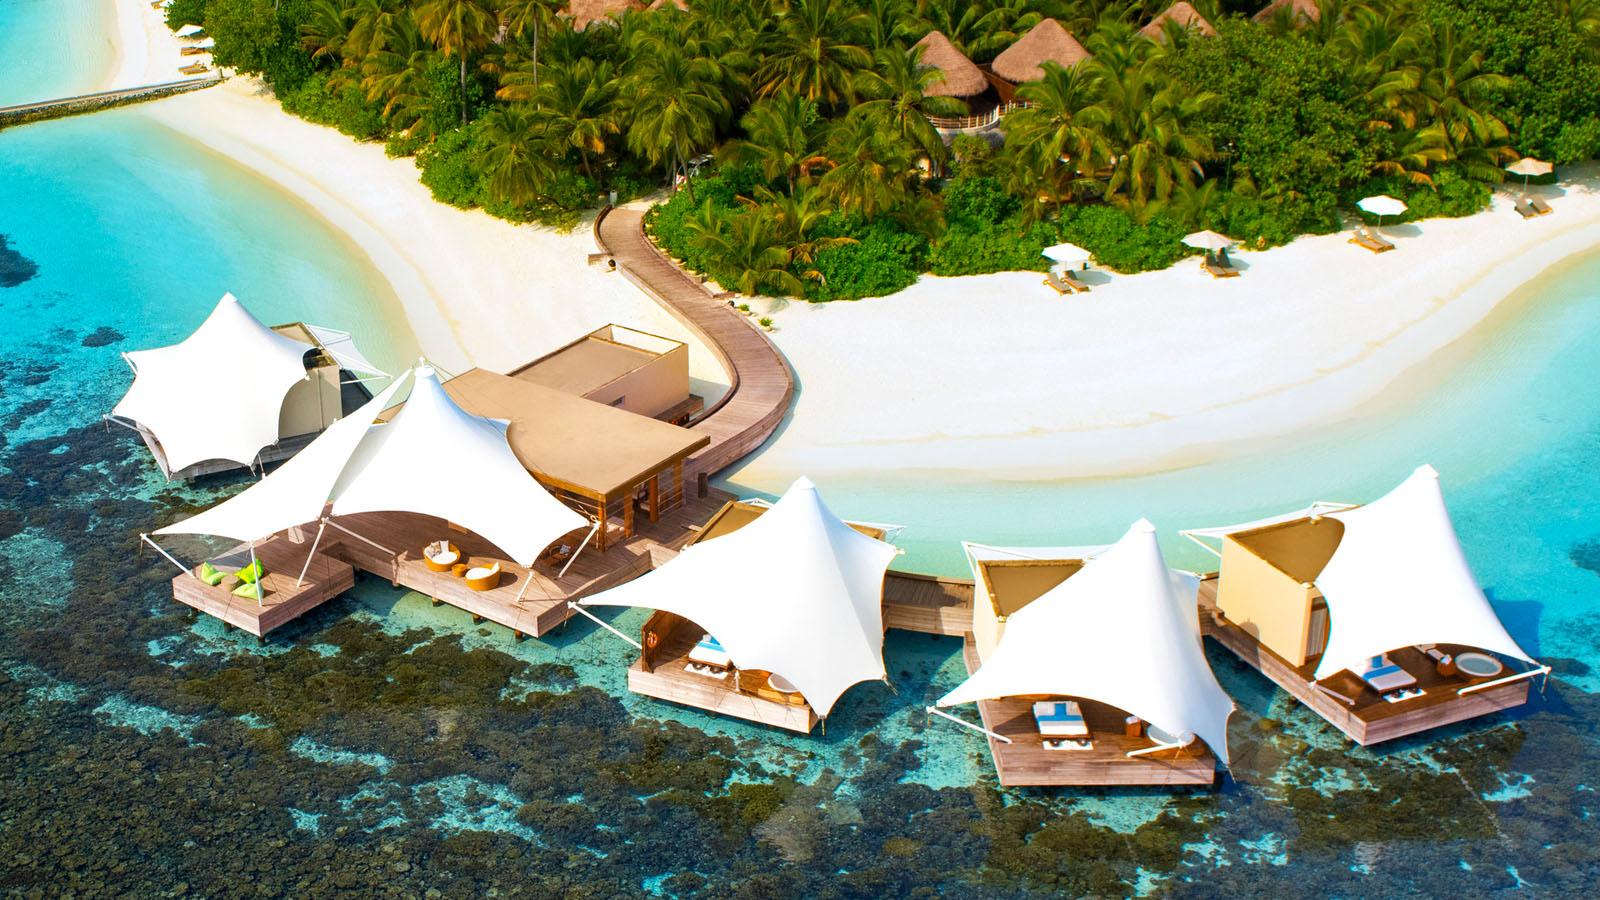 W Retreat and Spa Maldives (2)